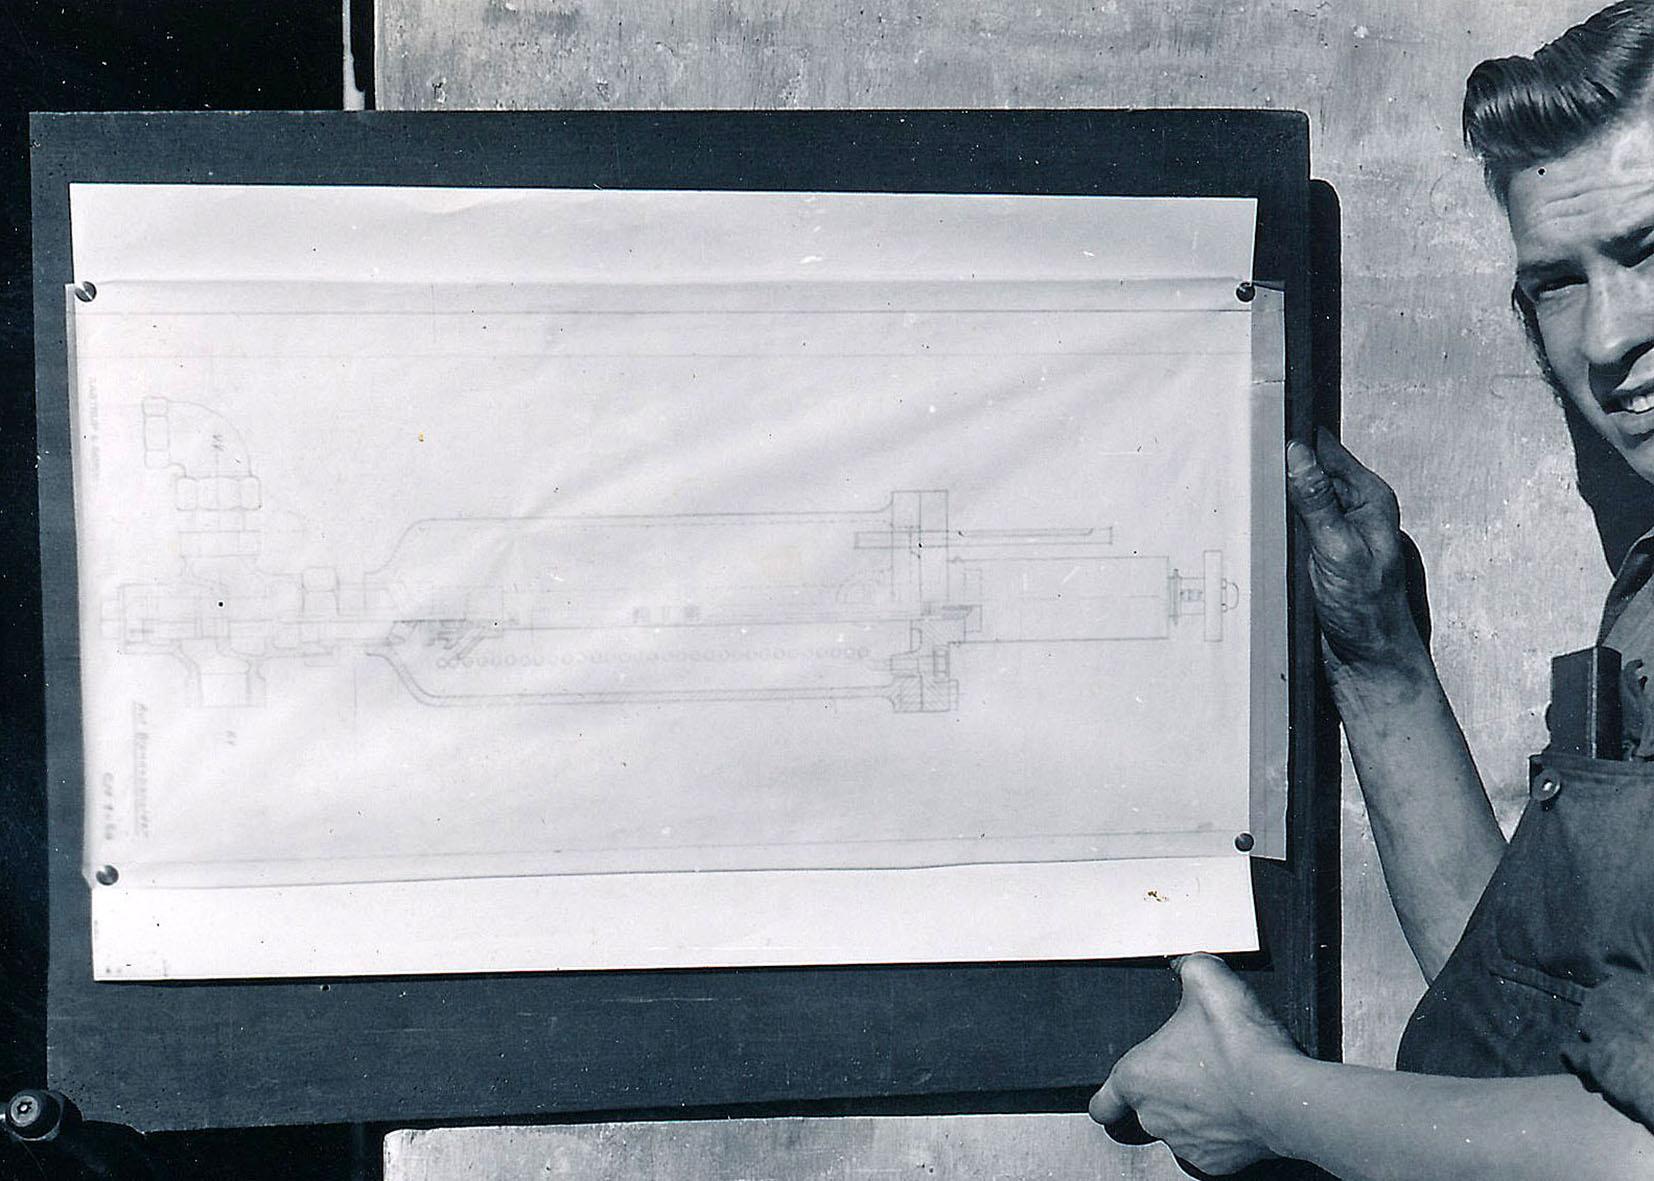 reci-originaltegning-ca.1935